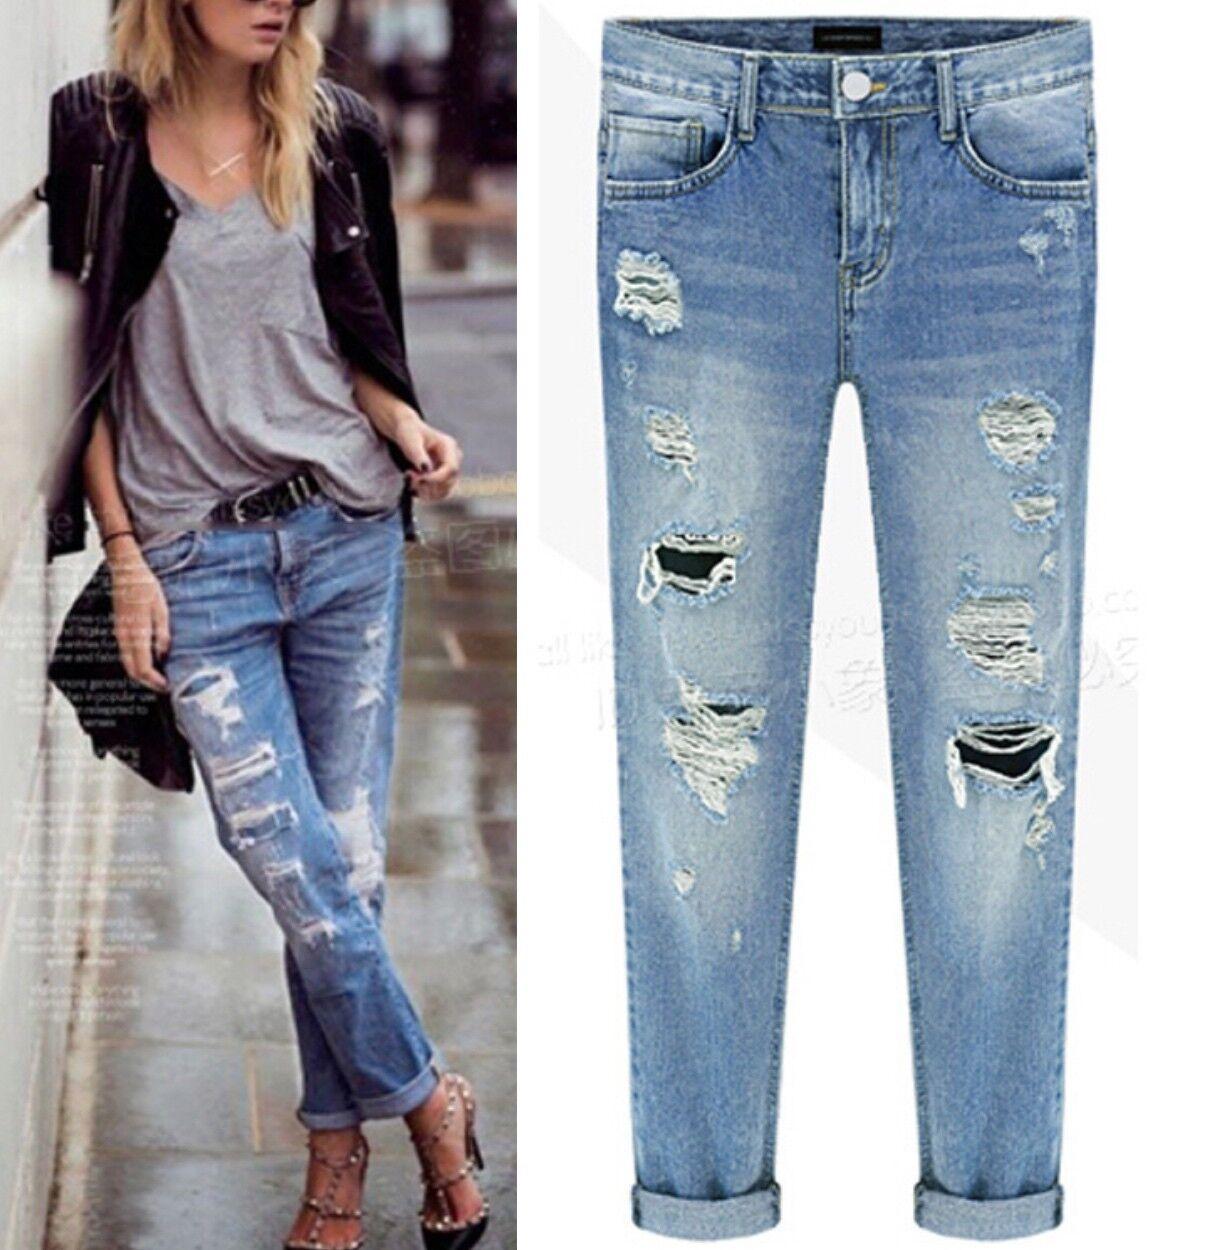 Jeans donna pantaloni strappi boyfriend cavallo basso ripped nuovi H5998